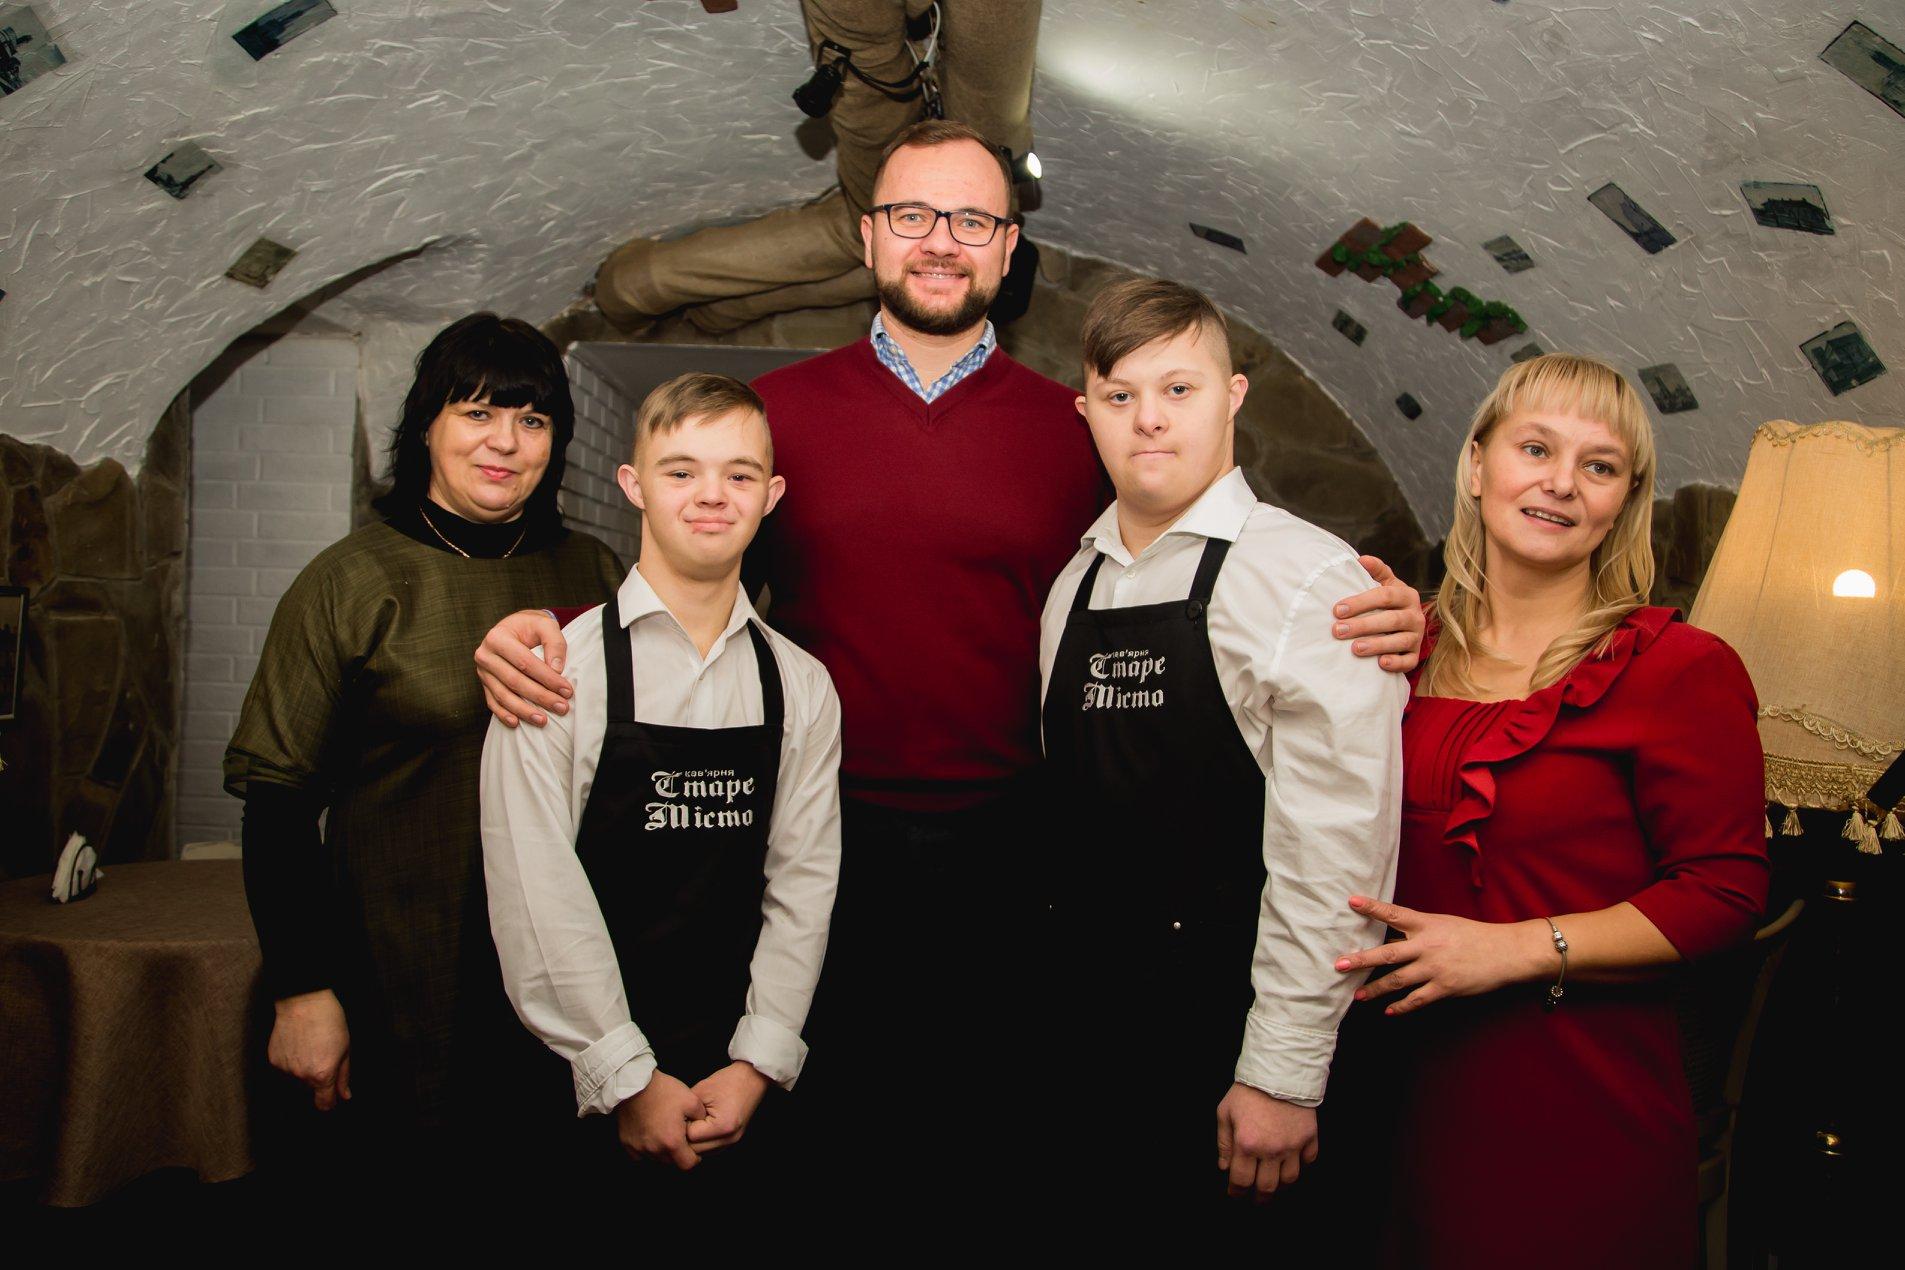 У Луцьку розпочала роботу кав'ярня, де працюють хлопці з синдромом Дауна. ФОТО